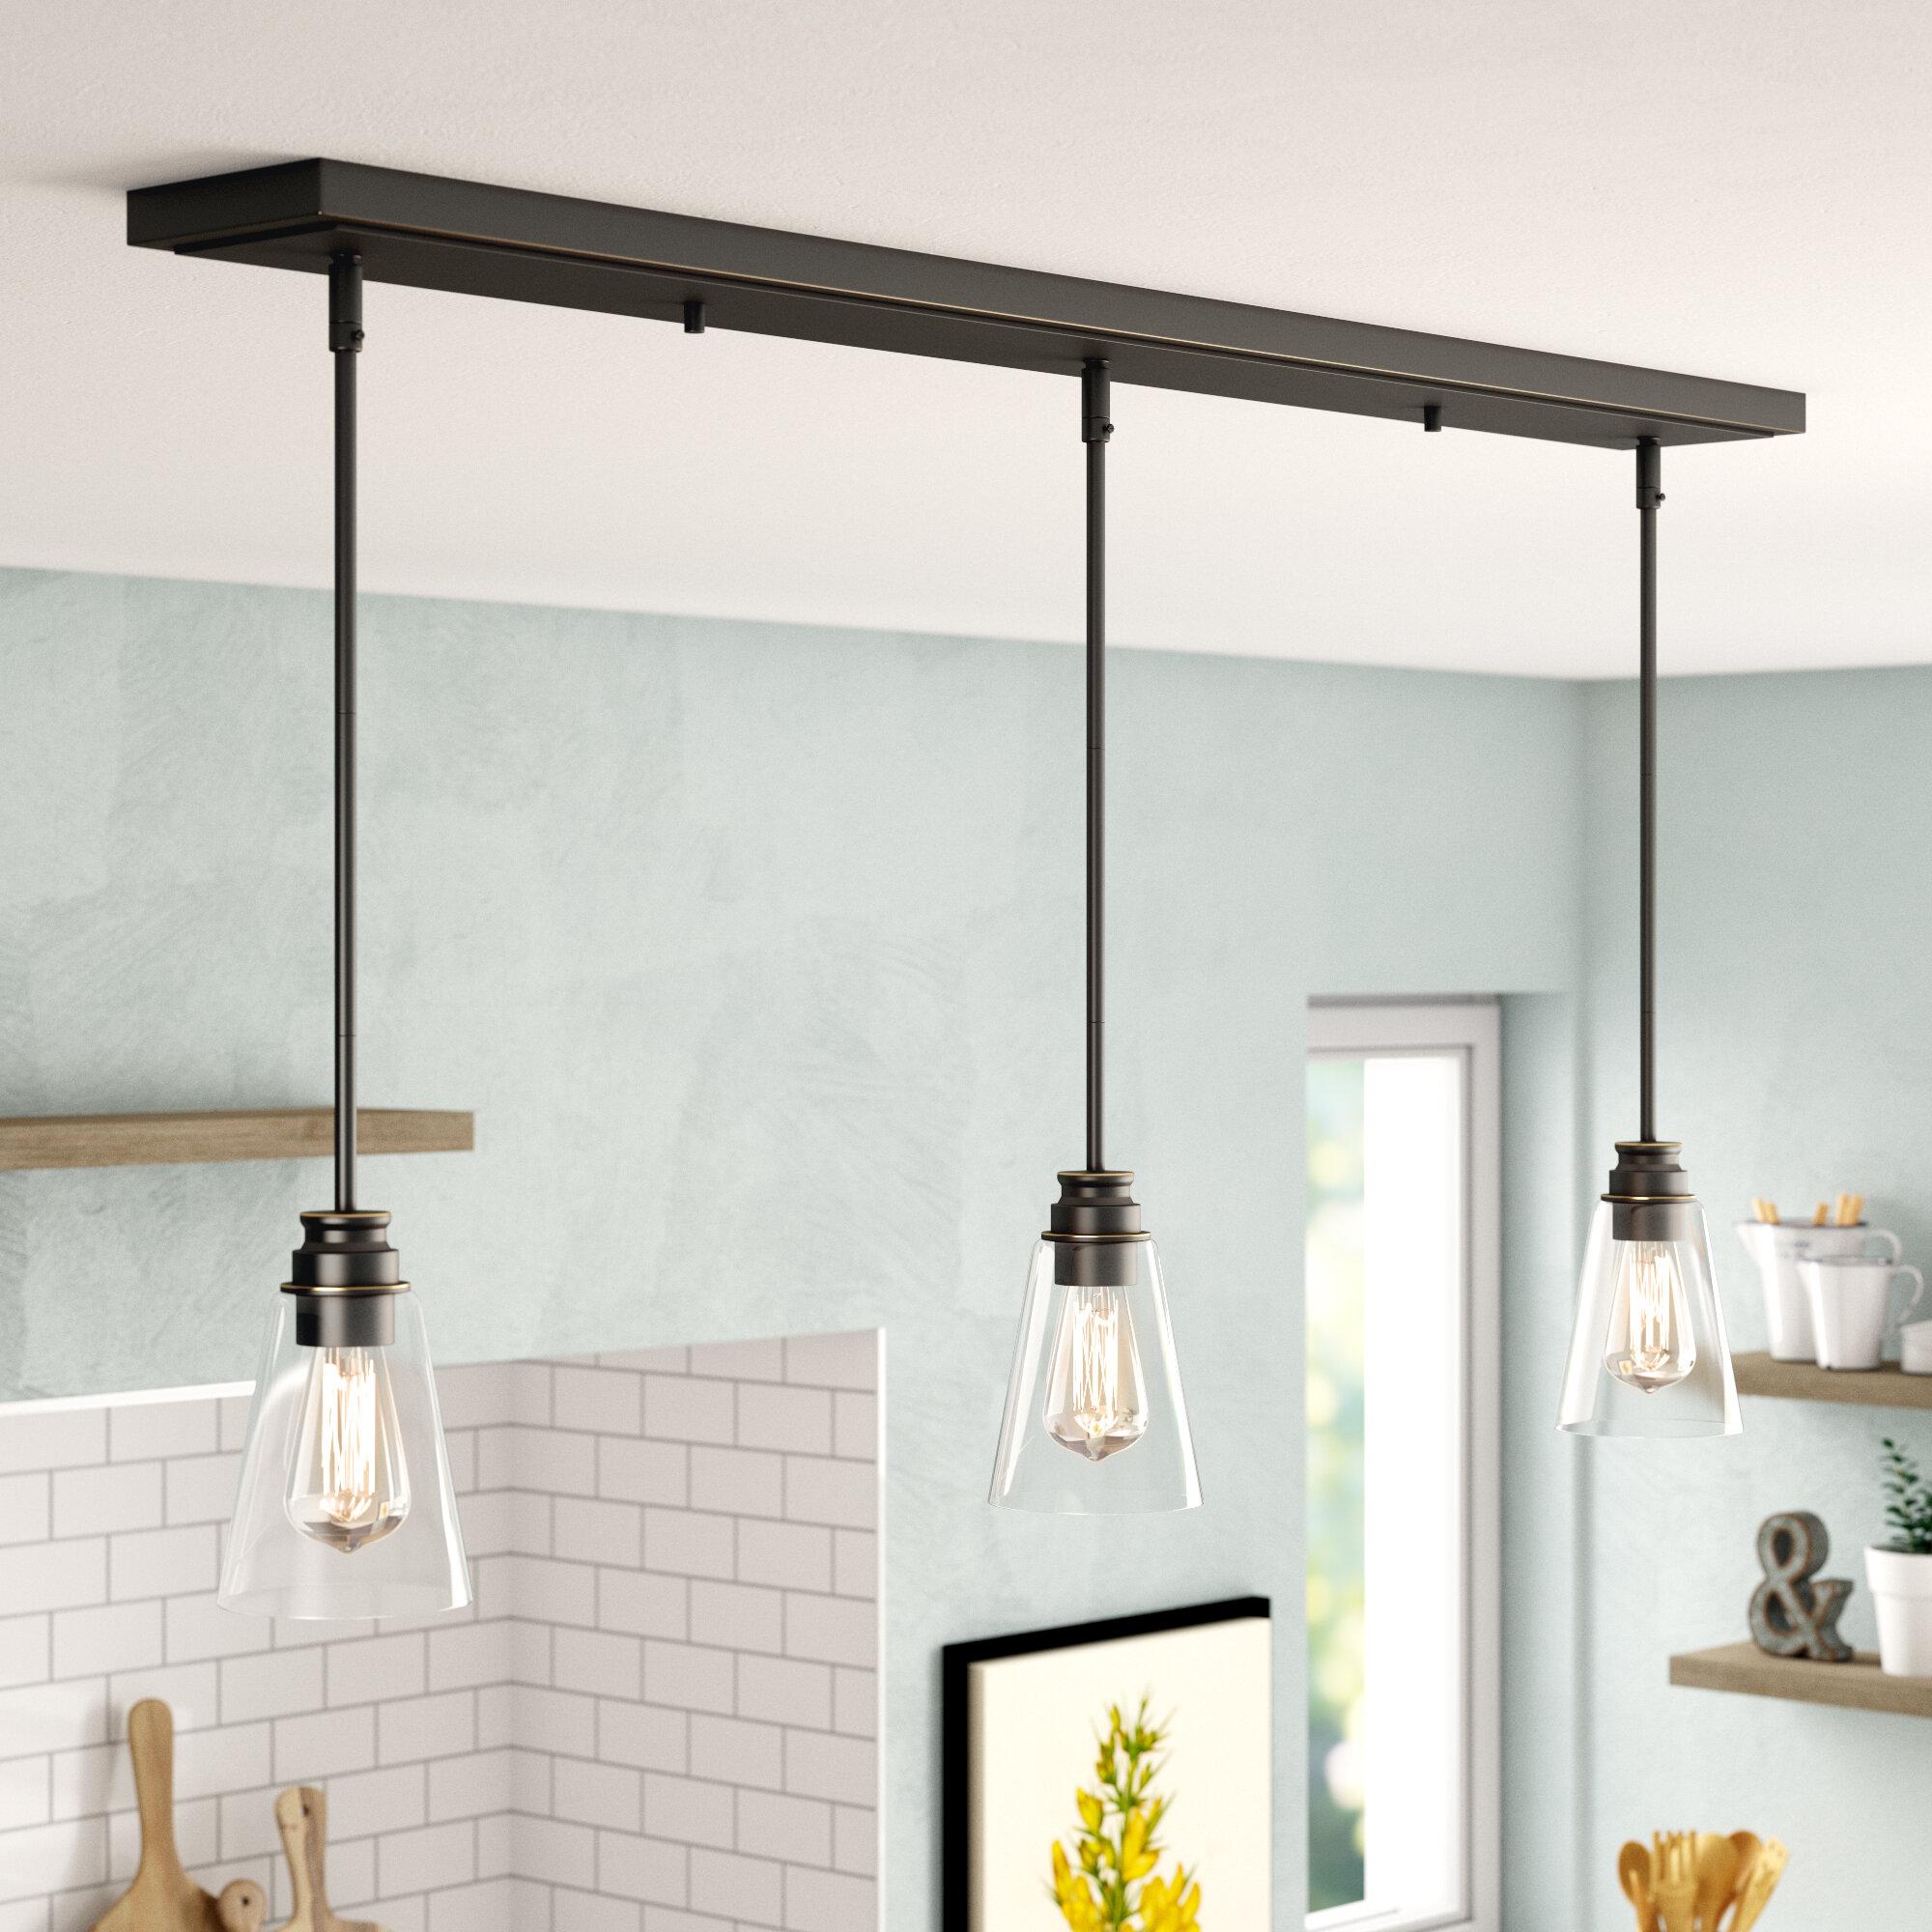 Gracie Oaks Aadila 3 Light Kitchen Island Linear Pendant Reviews Wayfair